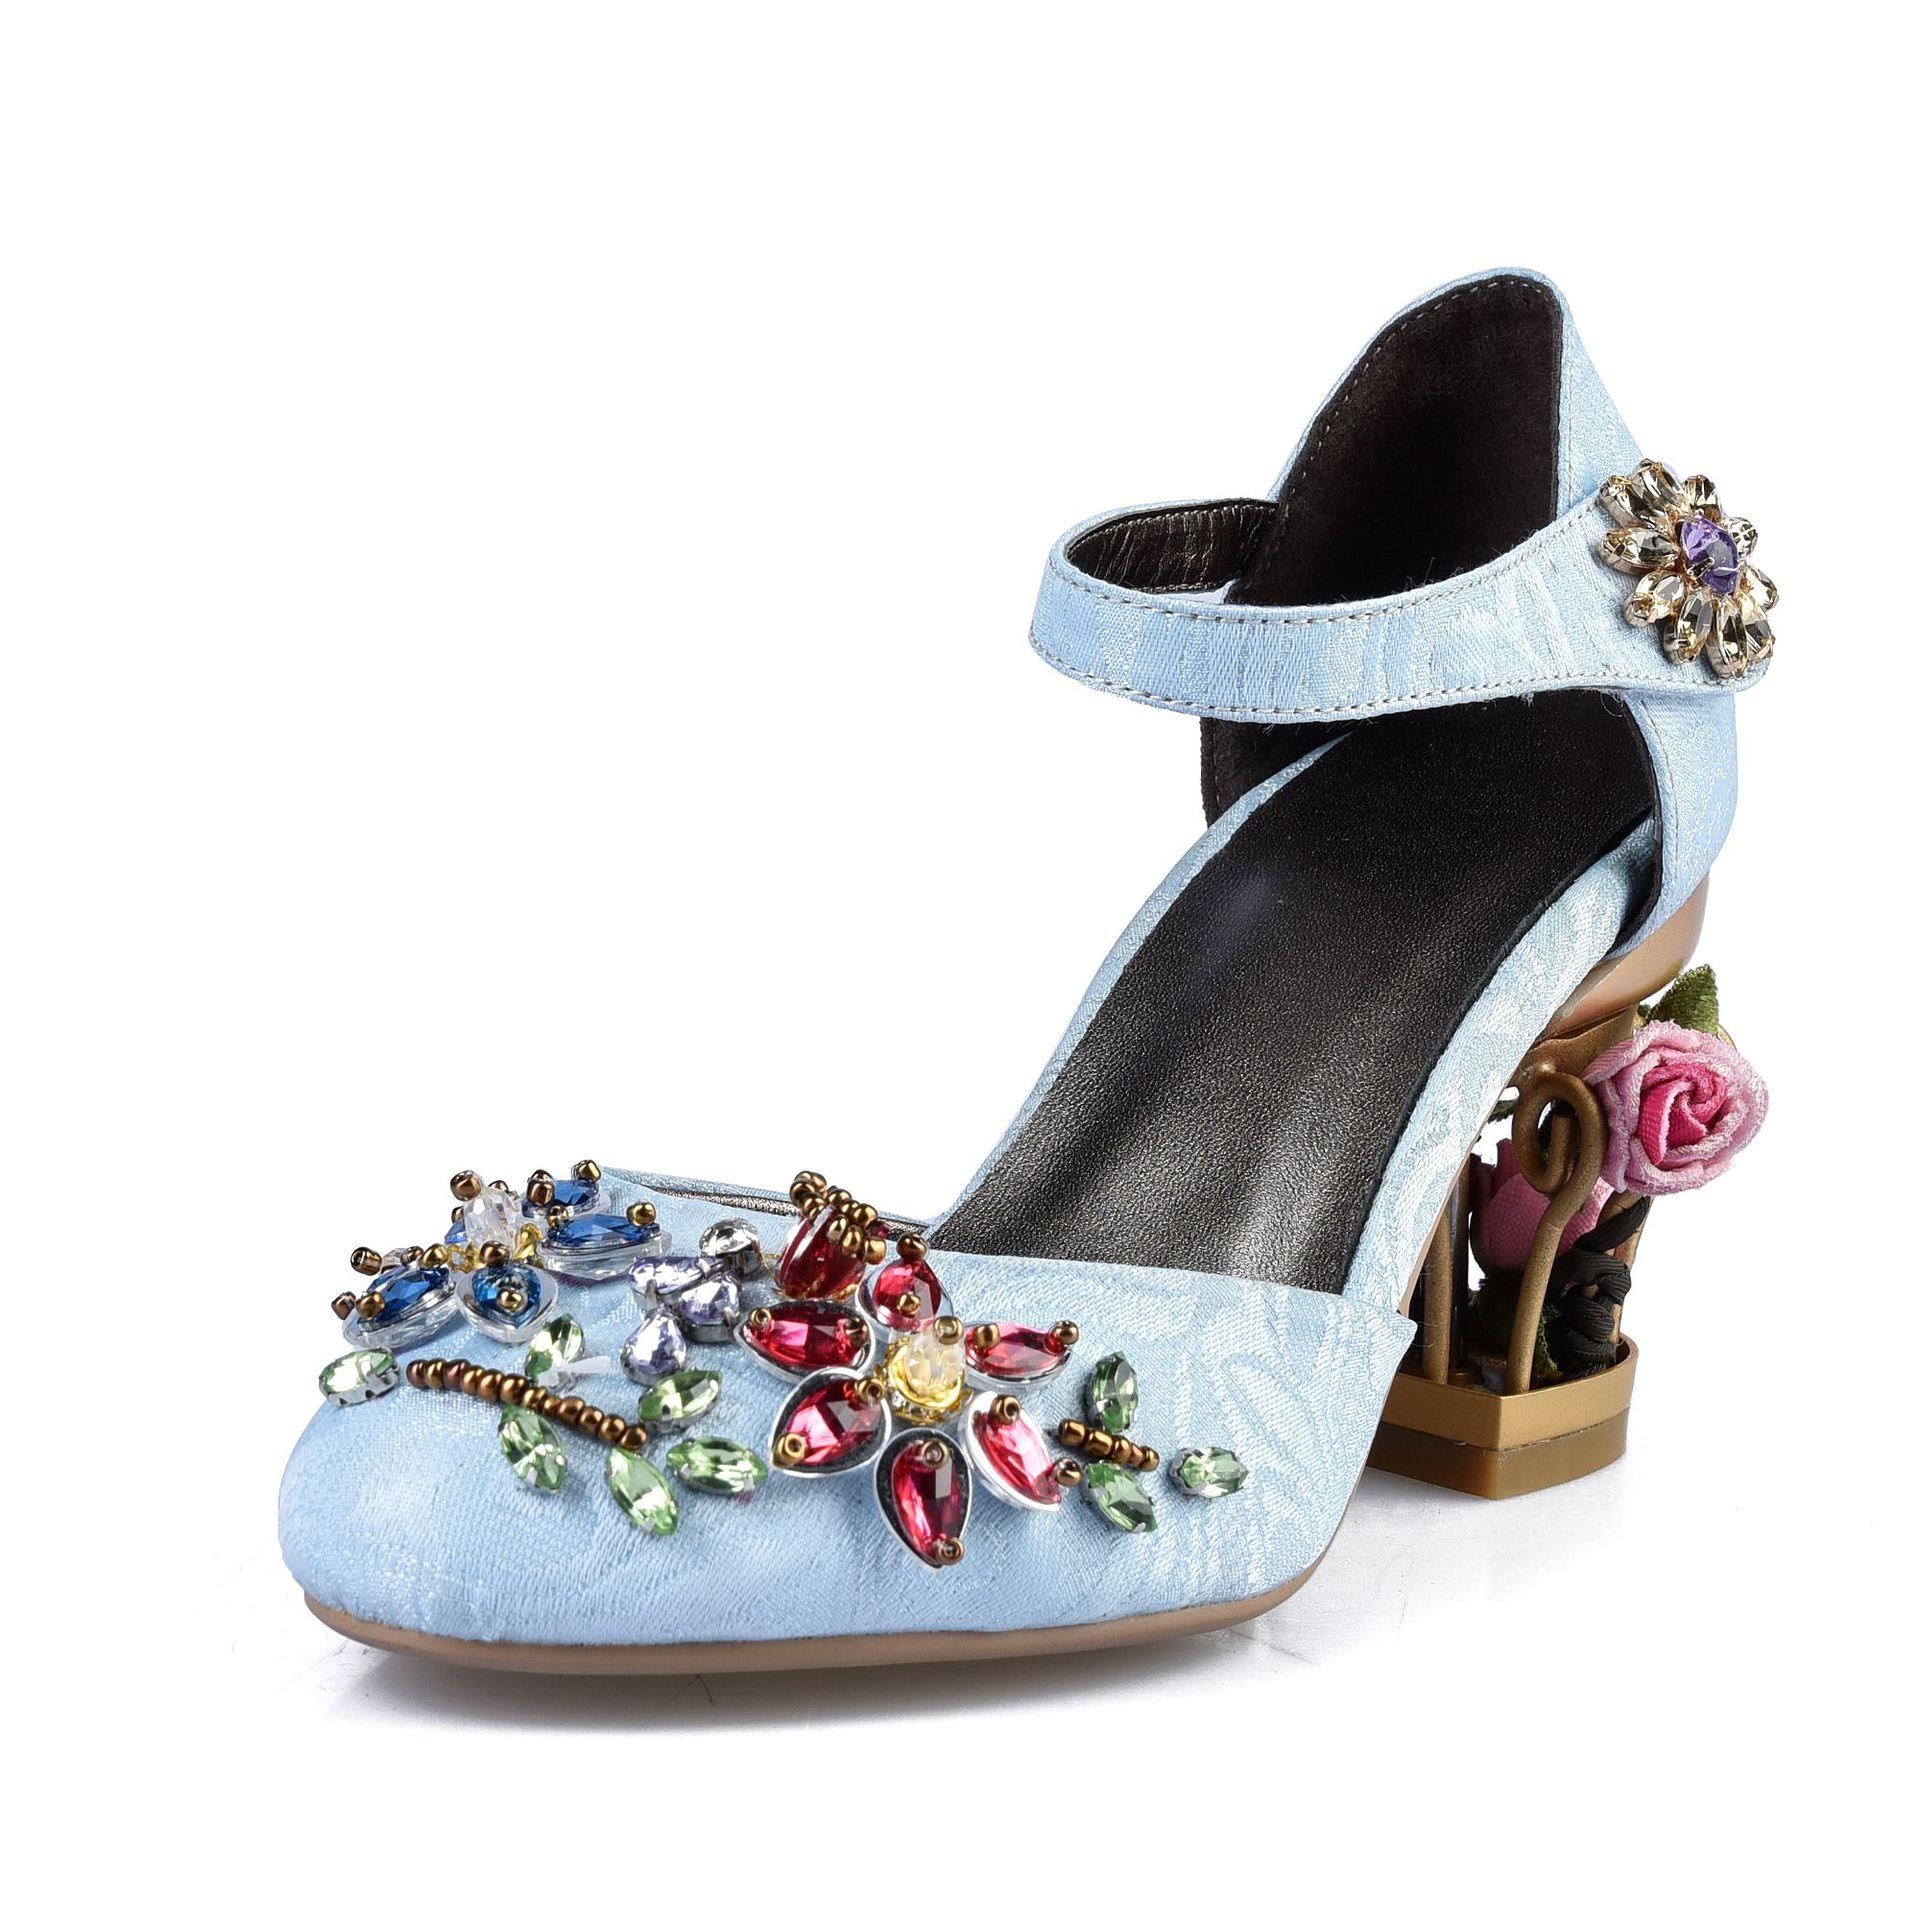 Cage Oiseau Sandales Ciel 2019 Style Chaussures De Raffinement Bleu 13JKFcTl